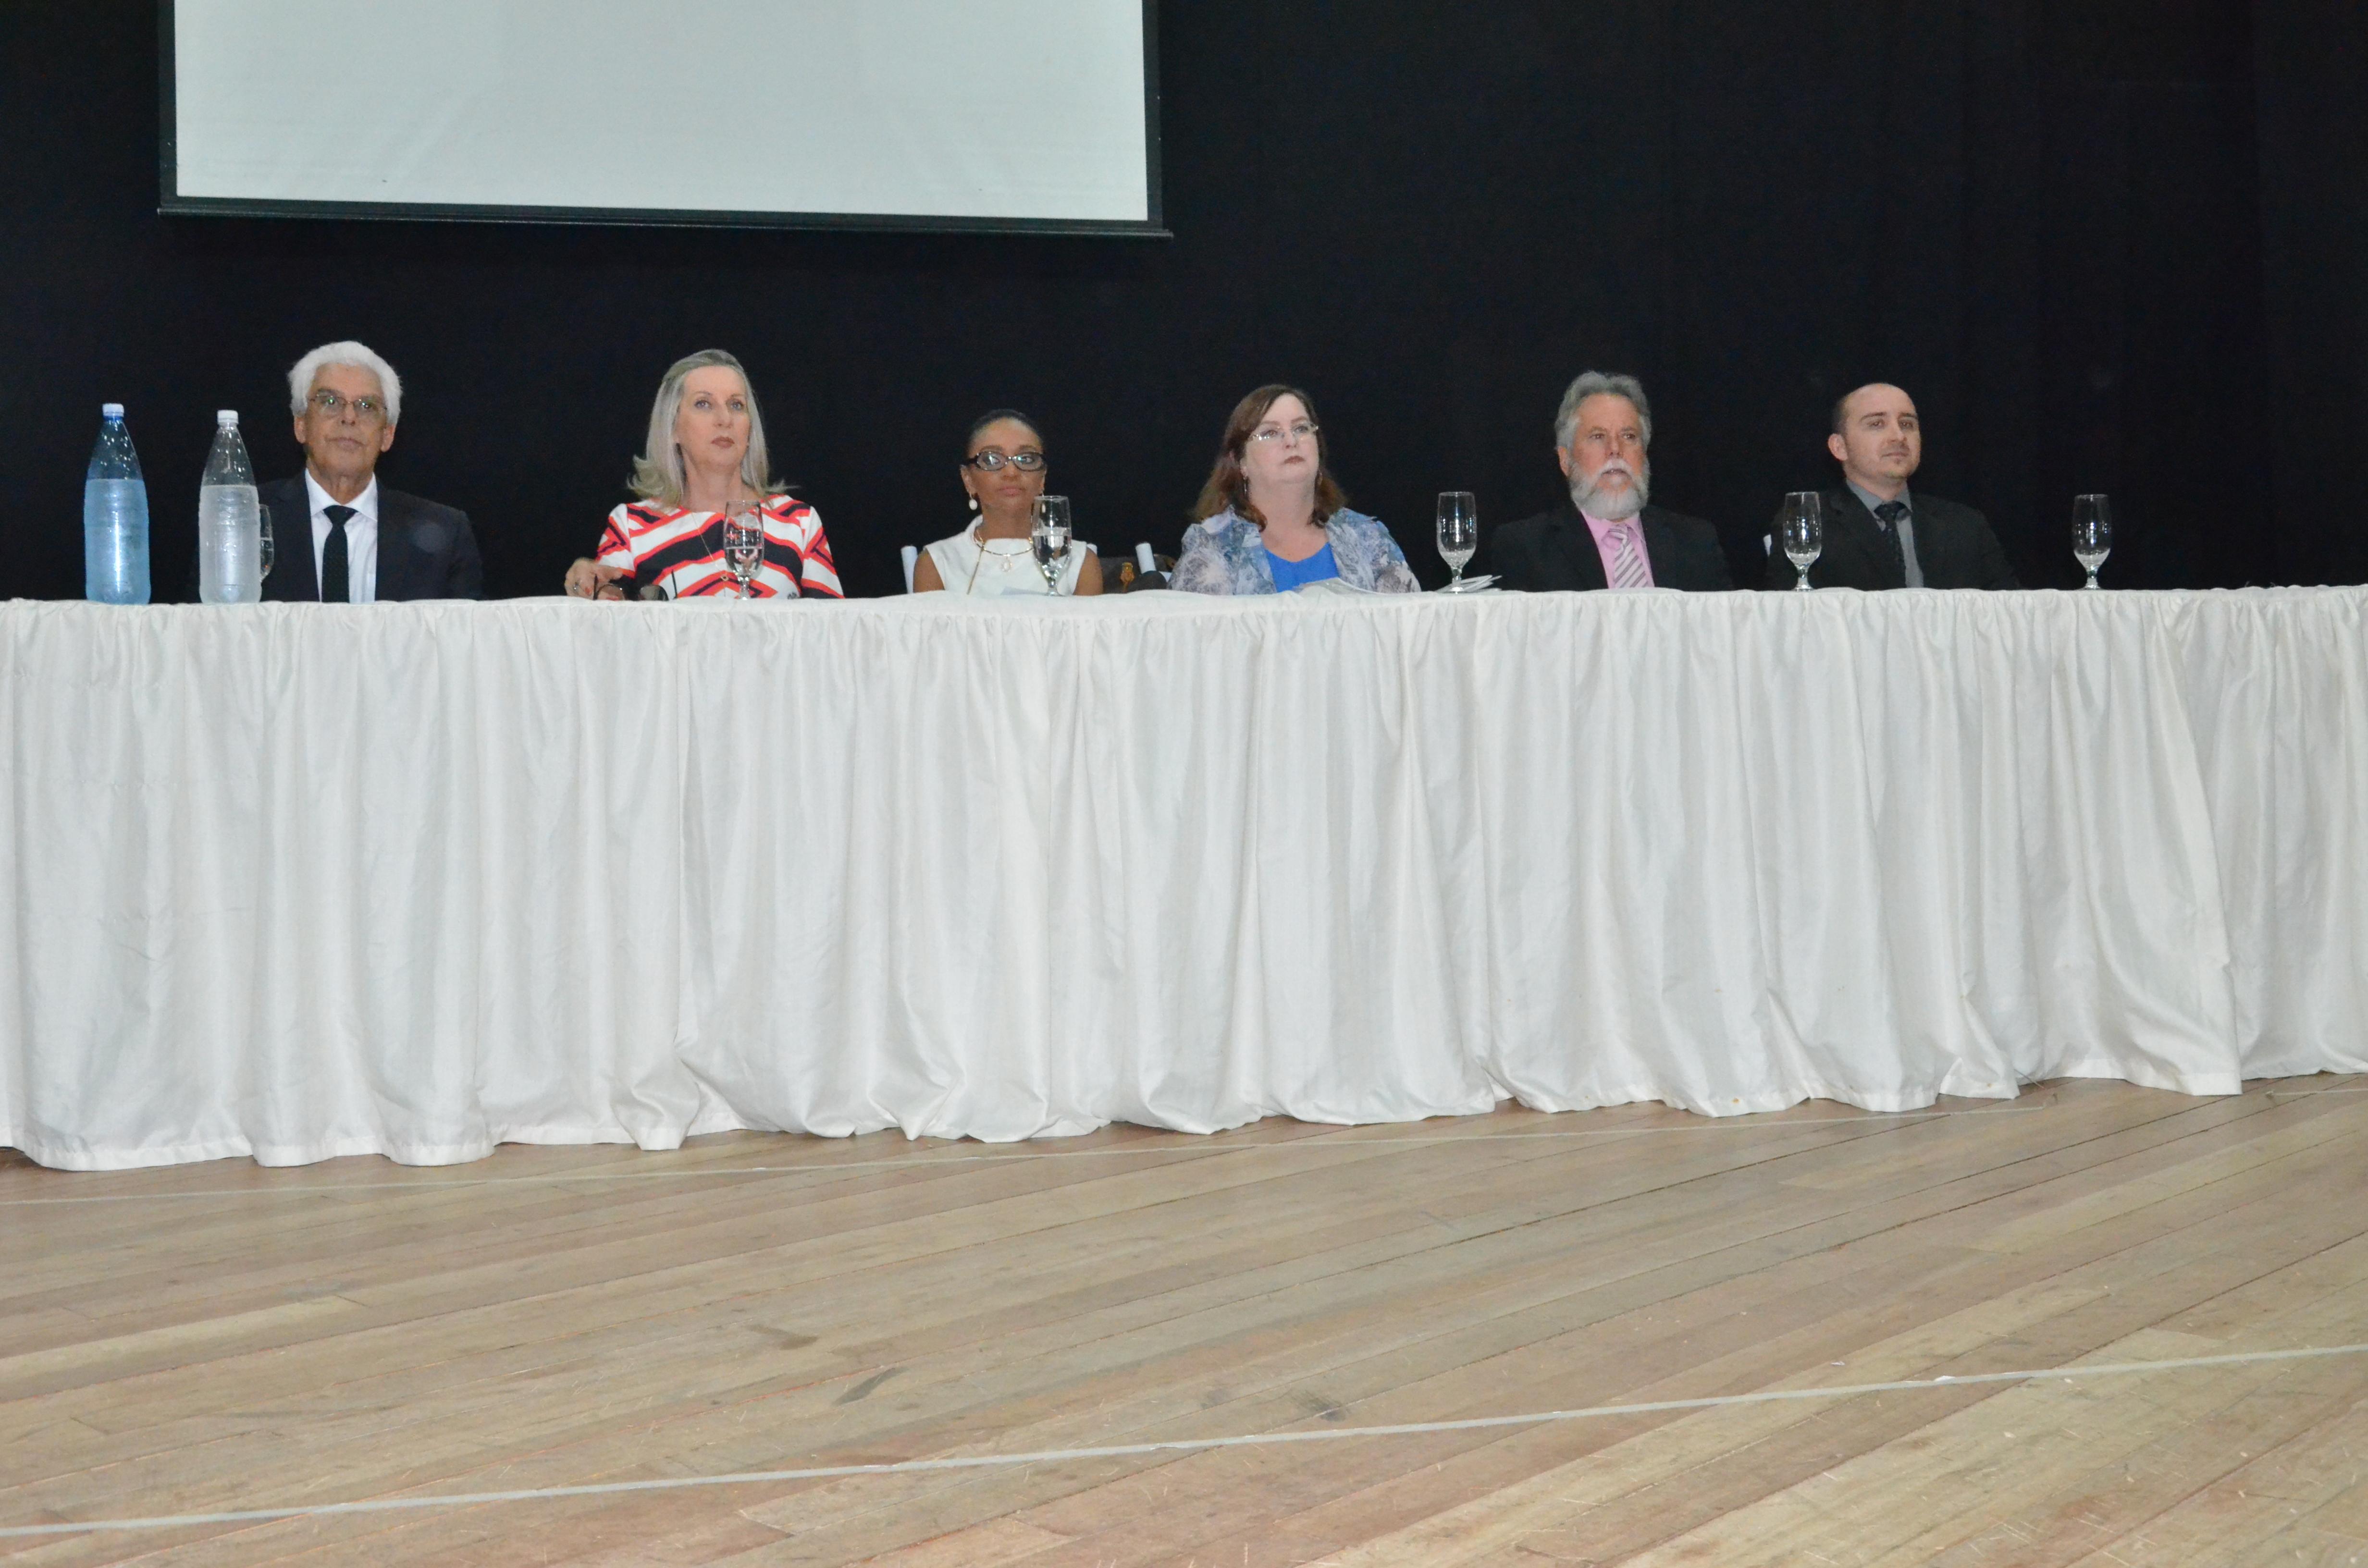 Justiça Eleitoral diploma os eleitos em Fontoura Xavier, Soledade e São José do Herval